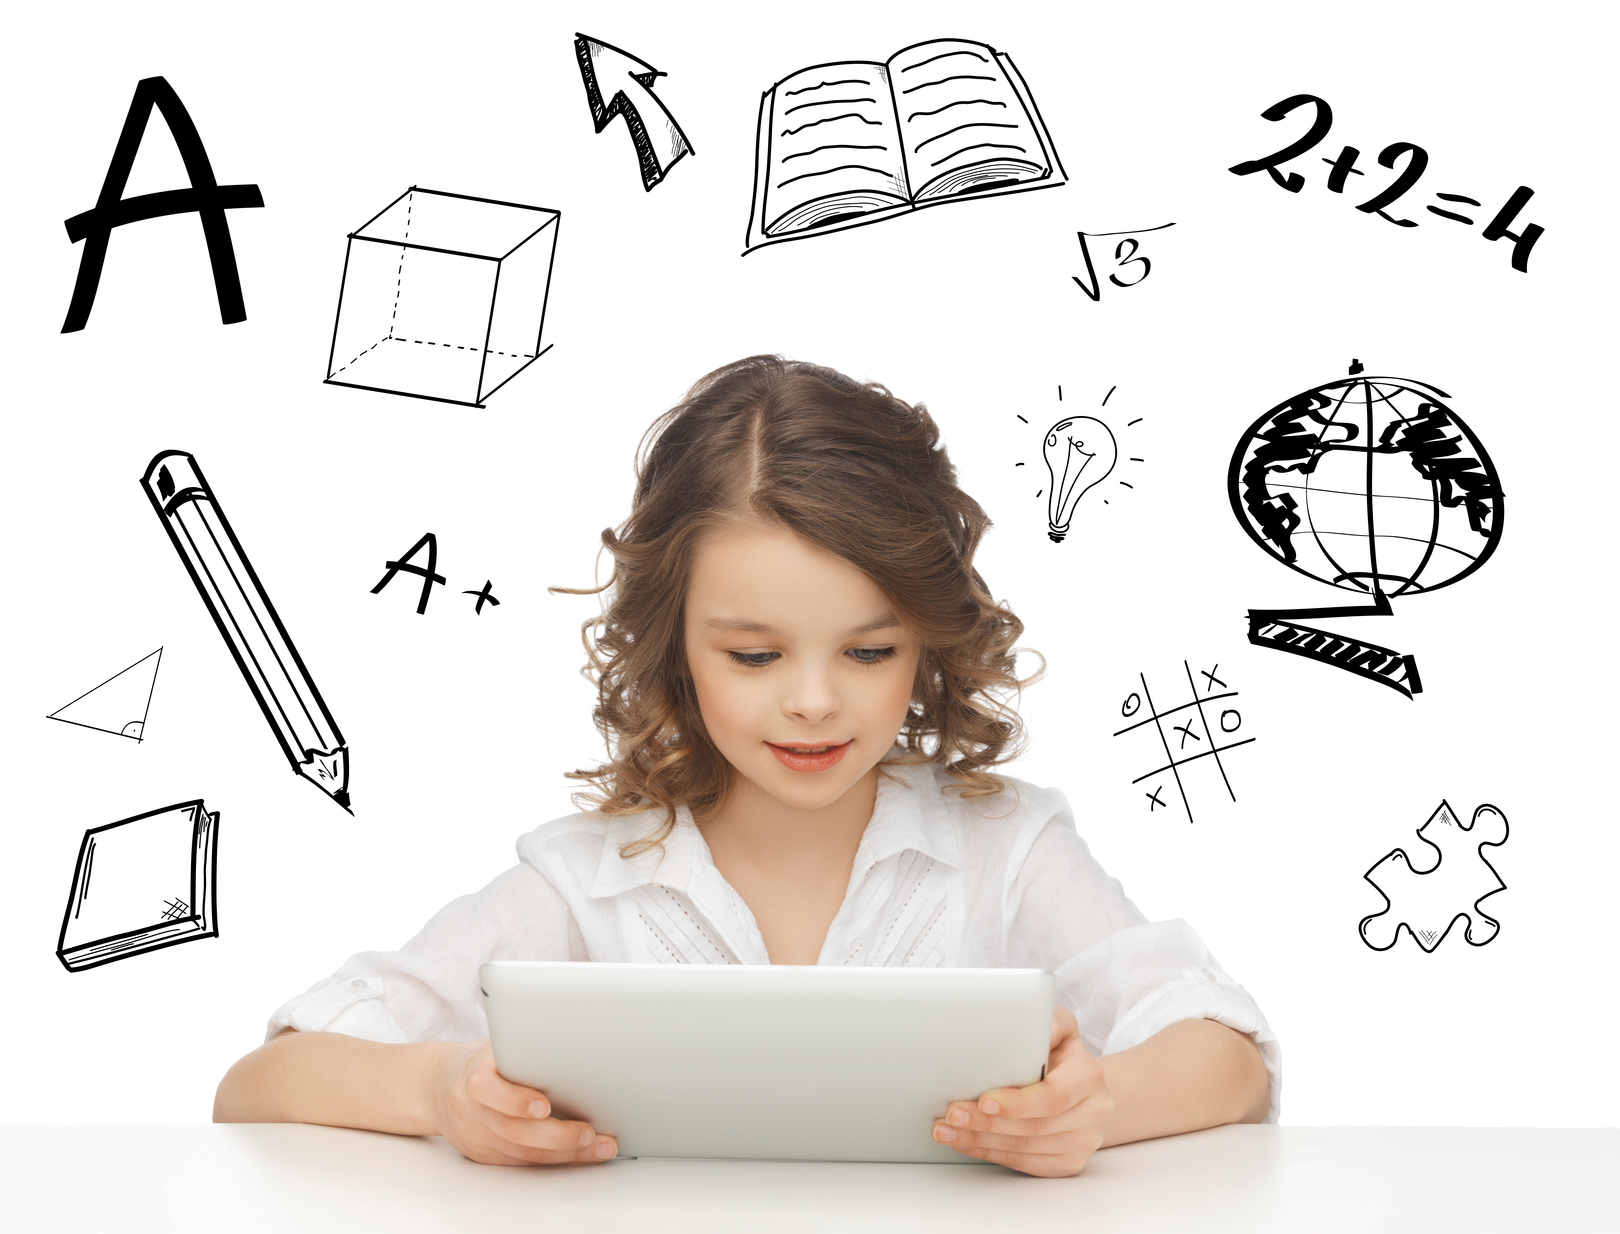 Üstün Zekalı Çocuklar Akdeniz Üniversitesi'nde Derslere Girecek 86